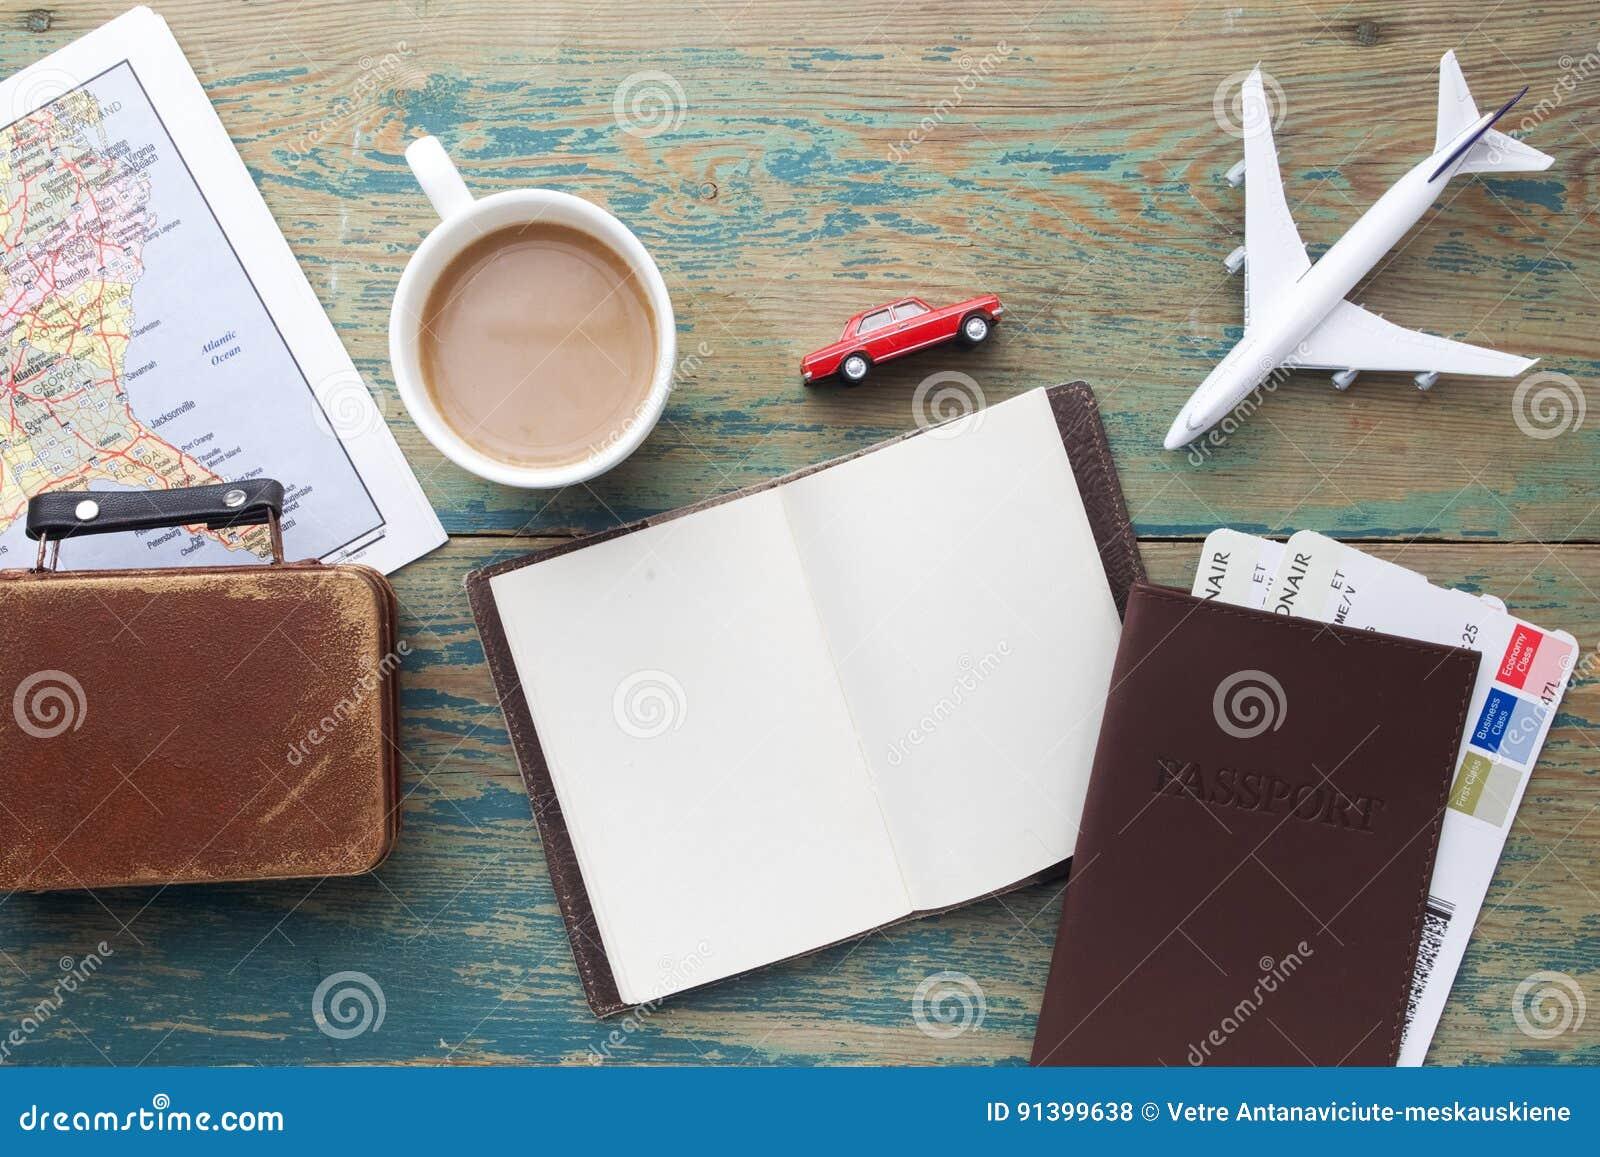 Reise, Reiseferien, Tourismusmodell - nahes hohes Anmerkungsbuch, Koffer, Spielzeugflugzeug und touristische Karte auf Holztisch